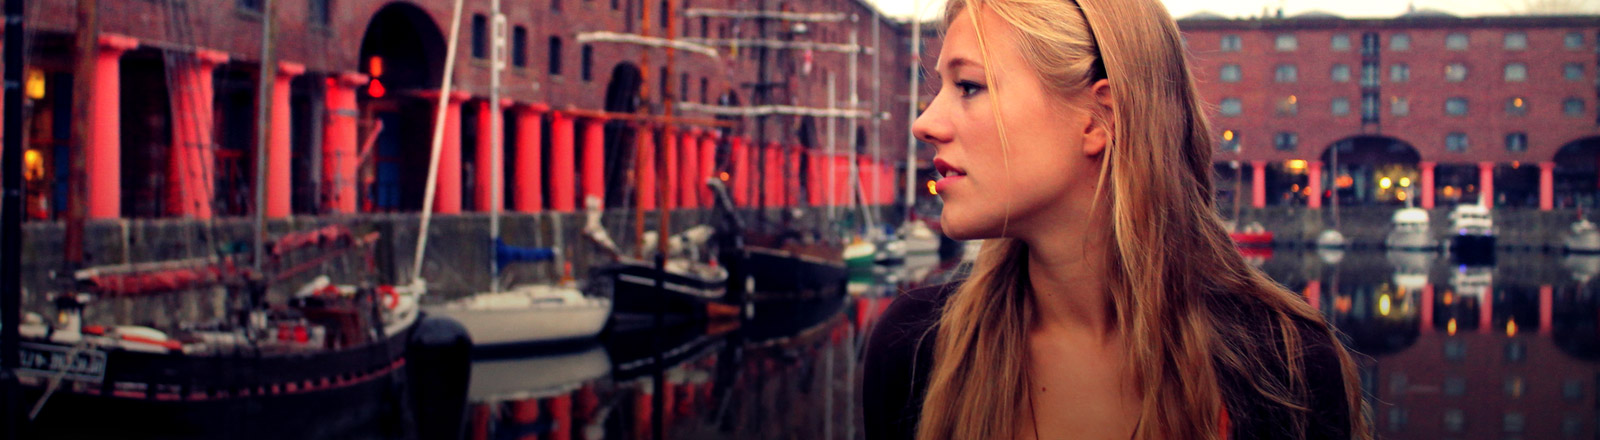 Eine junge Frau im Hafen von Liverpool.